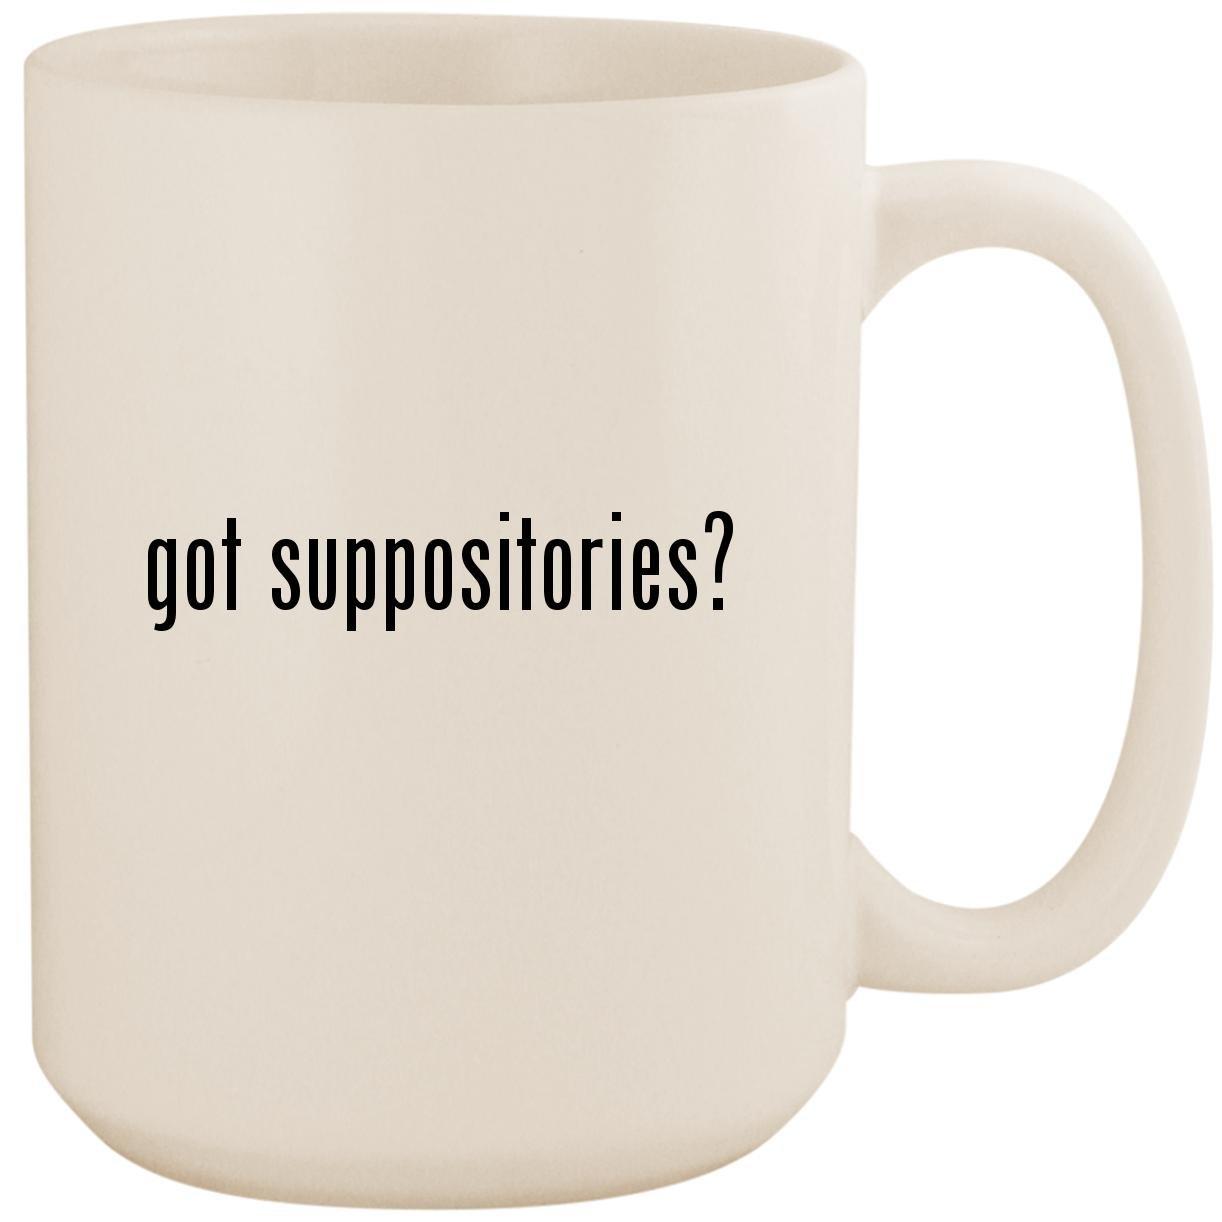 人気デザイナー Got Got Suppositories B07424NRSK – Suppositories ホワイト425セラミックコーヒーマグカップ B07424NRSK, フナイグン:c82e7466 --- movellplanejado.com.br